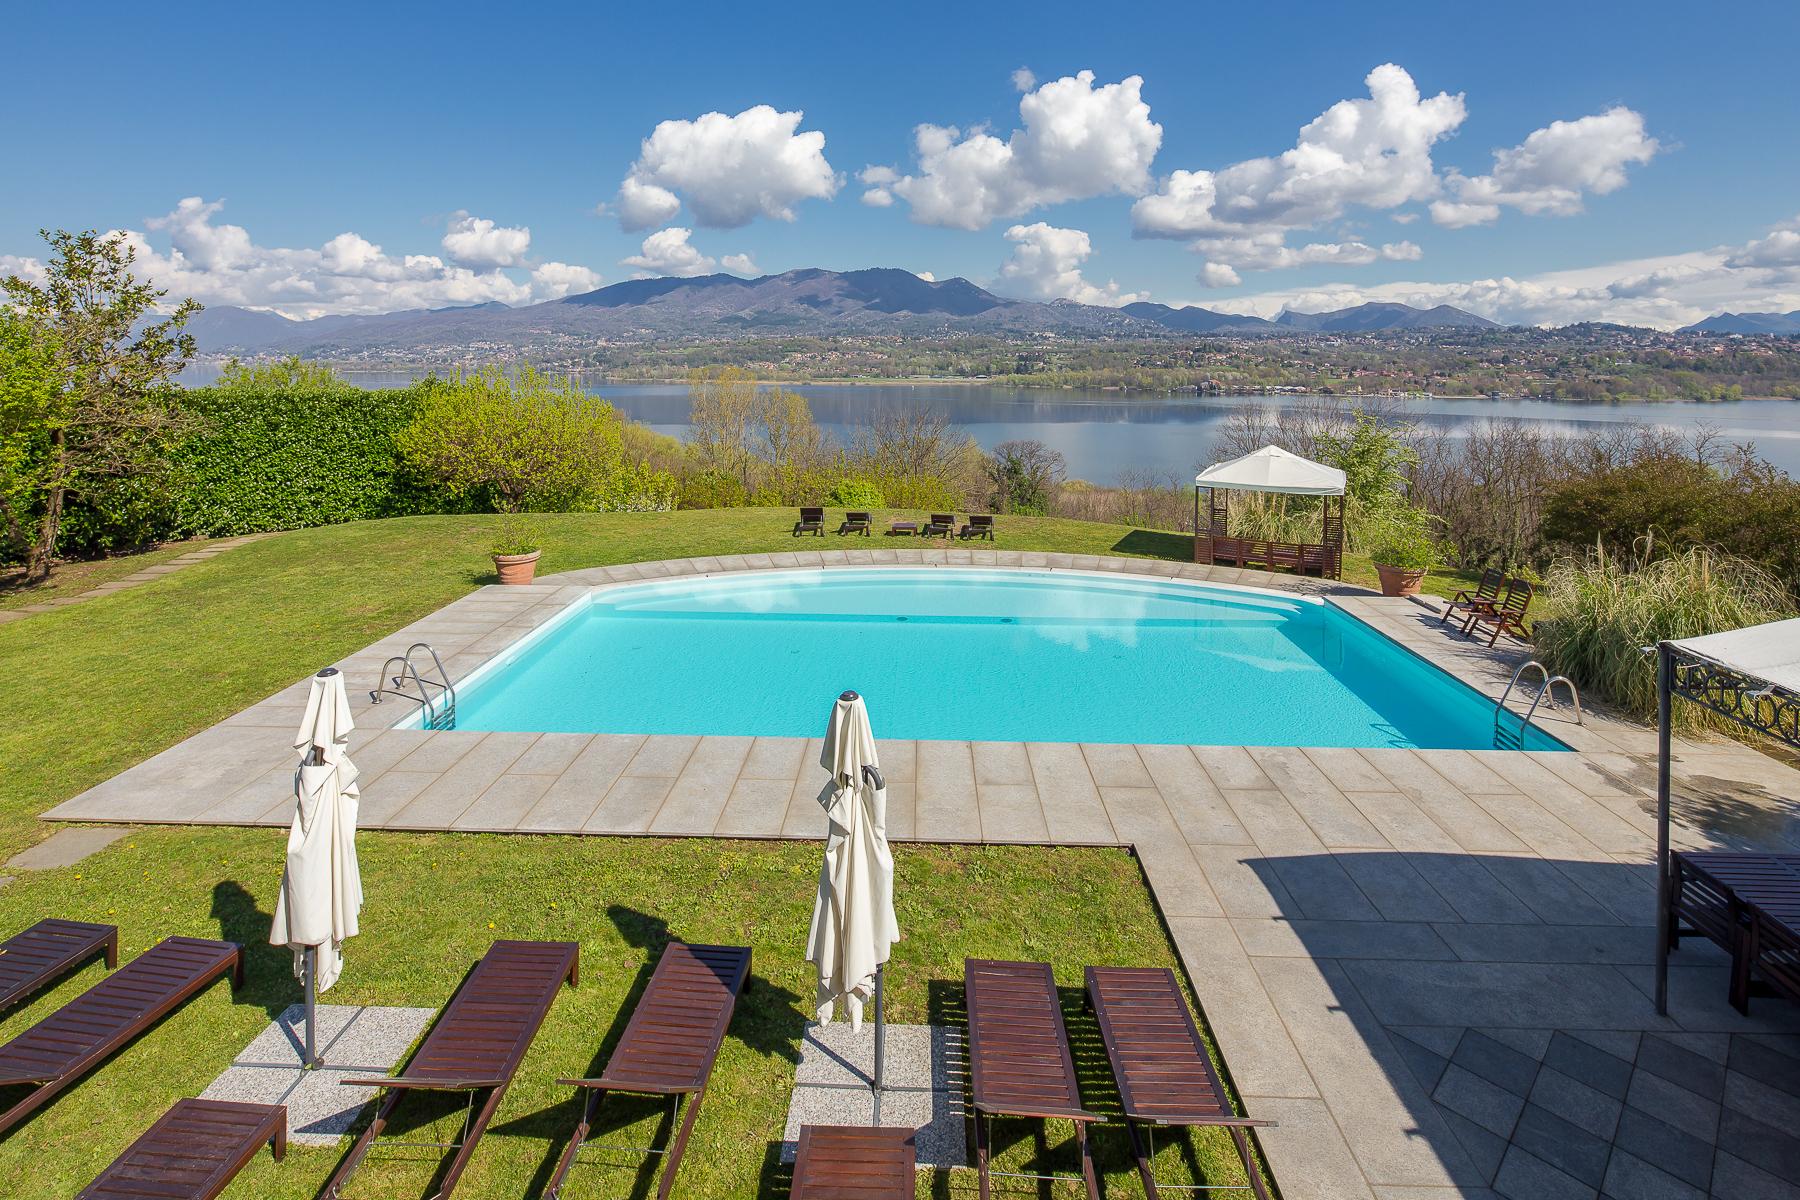 Villa in Vendita a Galliate Lombardo via della vigna d'oro